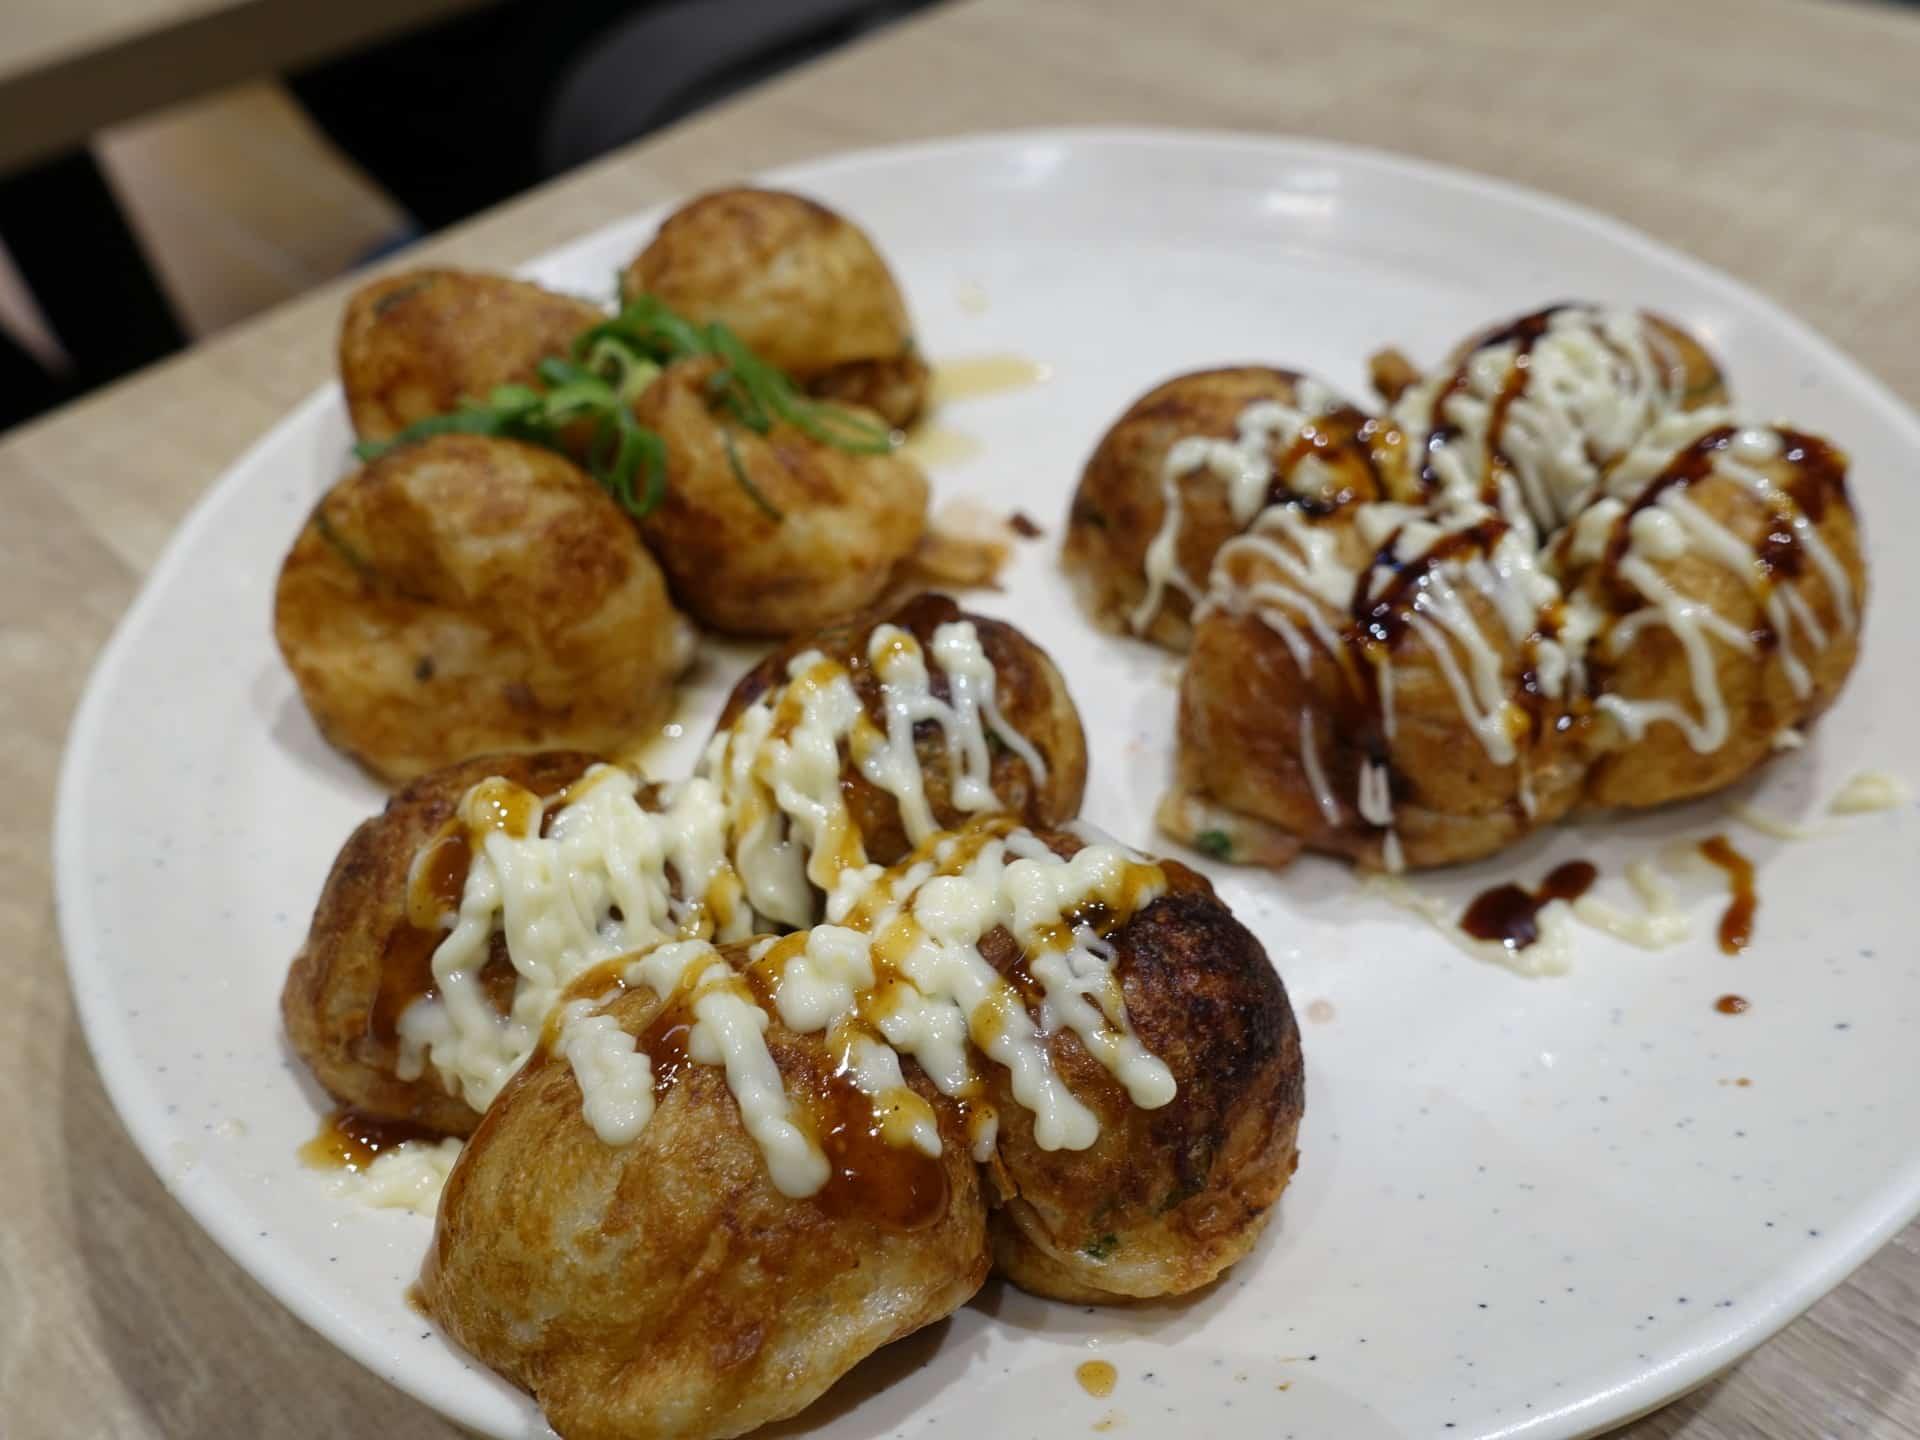 あべのたこやき やまちゃん ルクア店 − 大阪・梅田の中心で絶品たこ焼き!駅近で手軽に食べられるよ